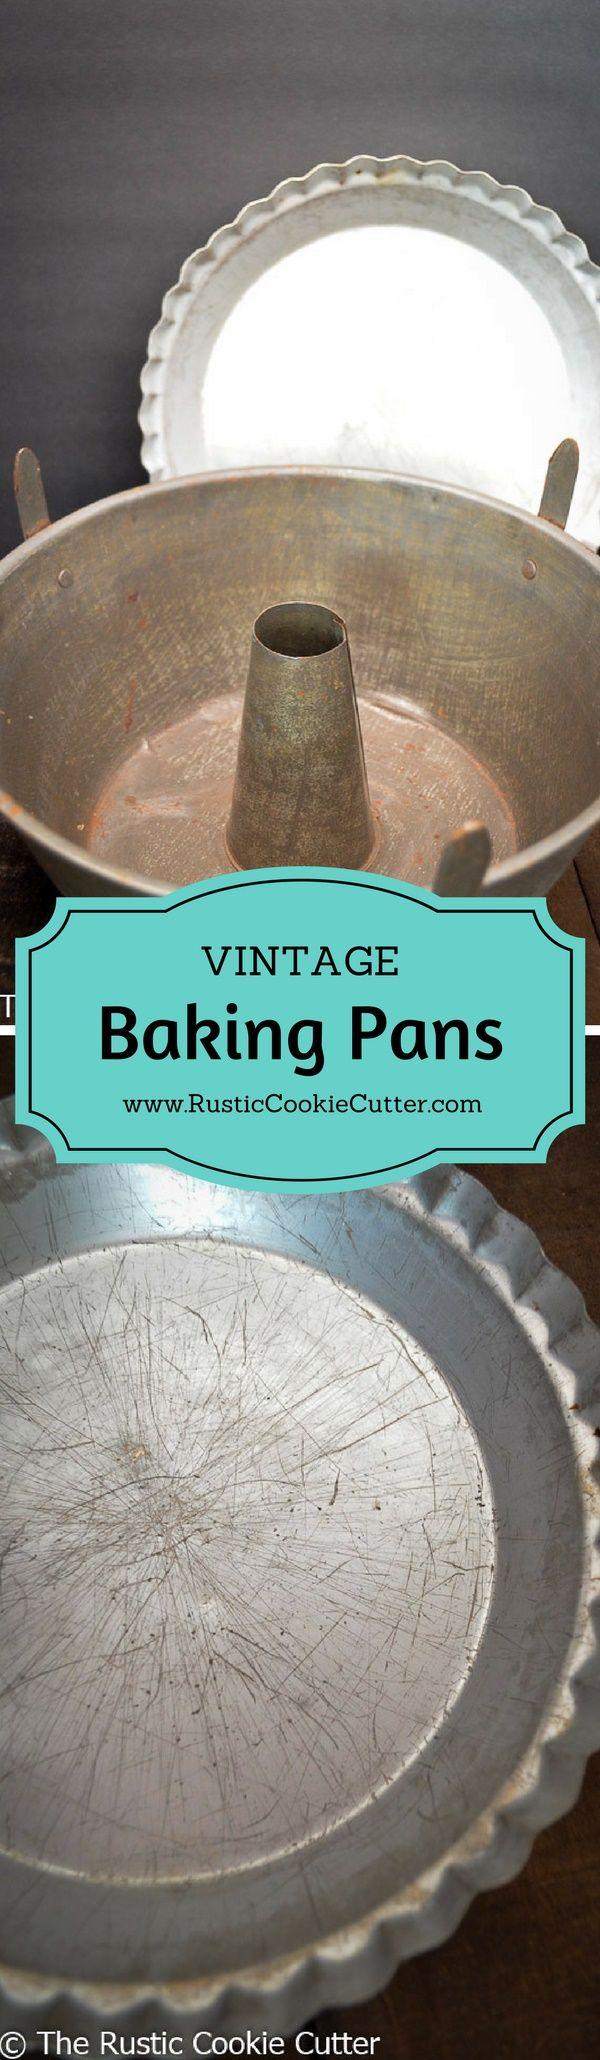 Repurposing a Vintage Angel Food Cake Pan & Pie Pan https://www.rusticcookiecutter.com/repurposing-vintage-baking-pan/?utm_campaign=coschedule&utm_source=pinterest&utm_medium=The%20Rustic%20Cookie%20Cutter&utm_content=Repurposing%20a%20Vintage%20Angel%20Food%20Cake%20Pan%20and%20Pie%20Pan